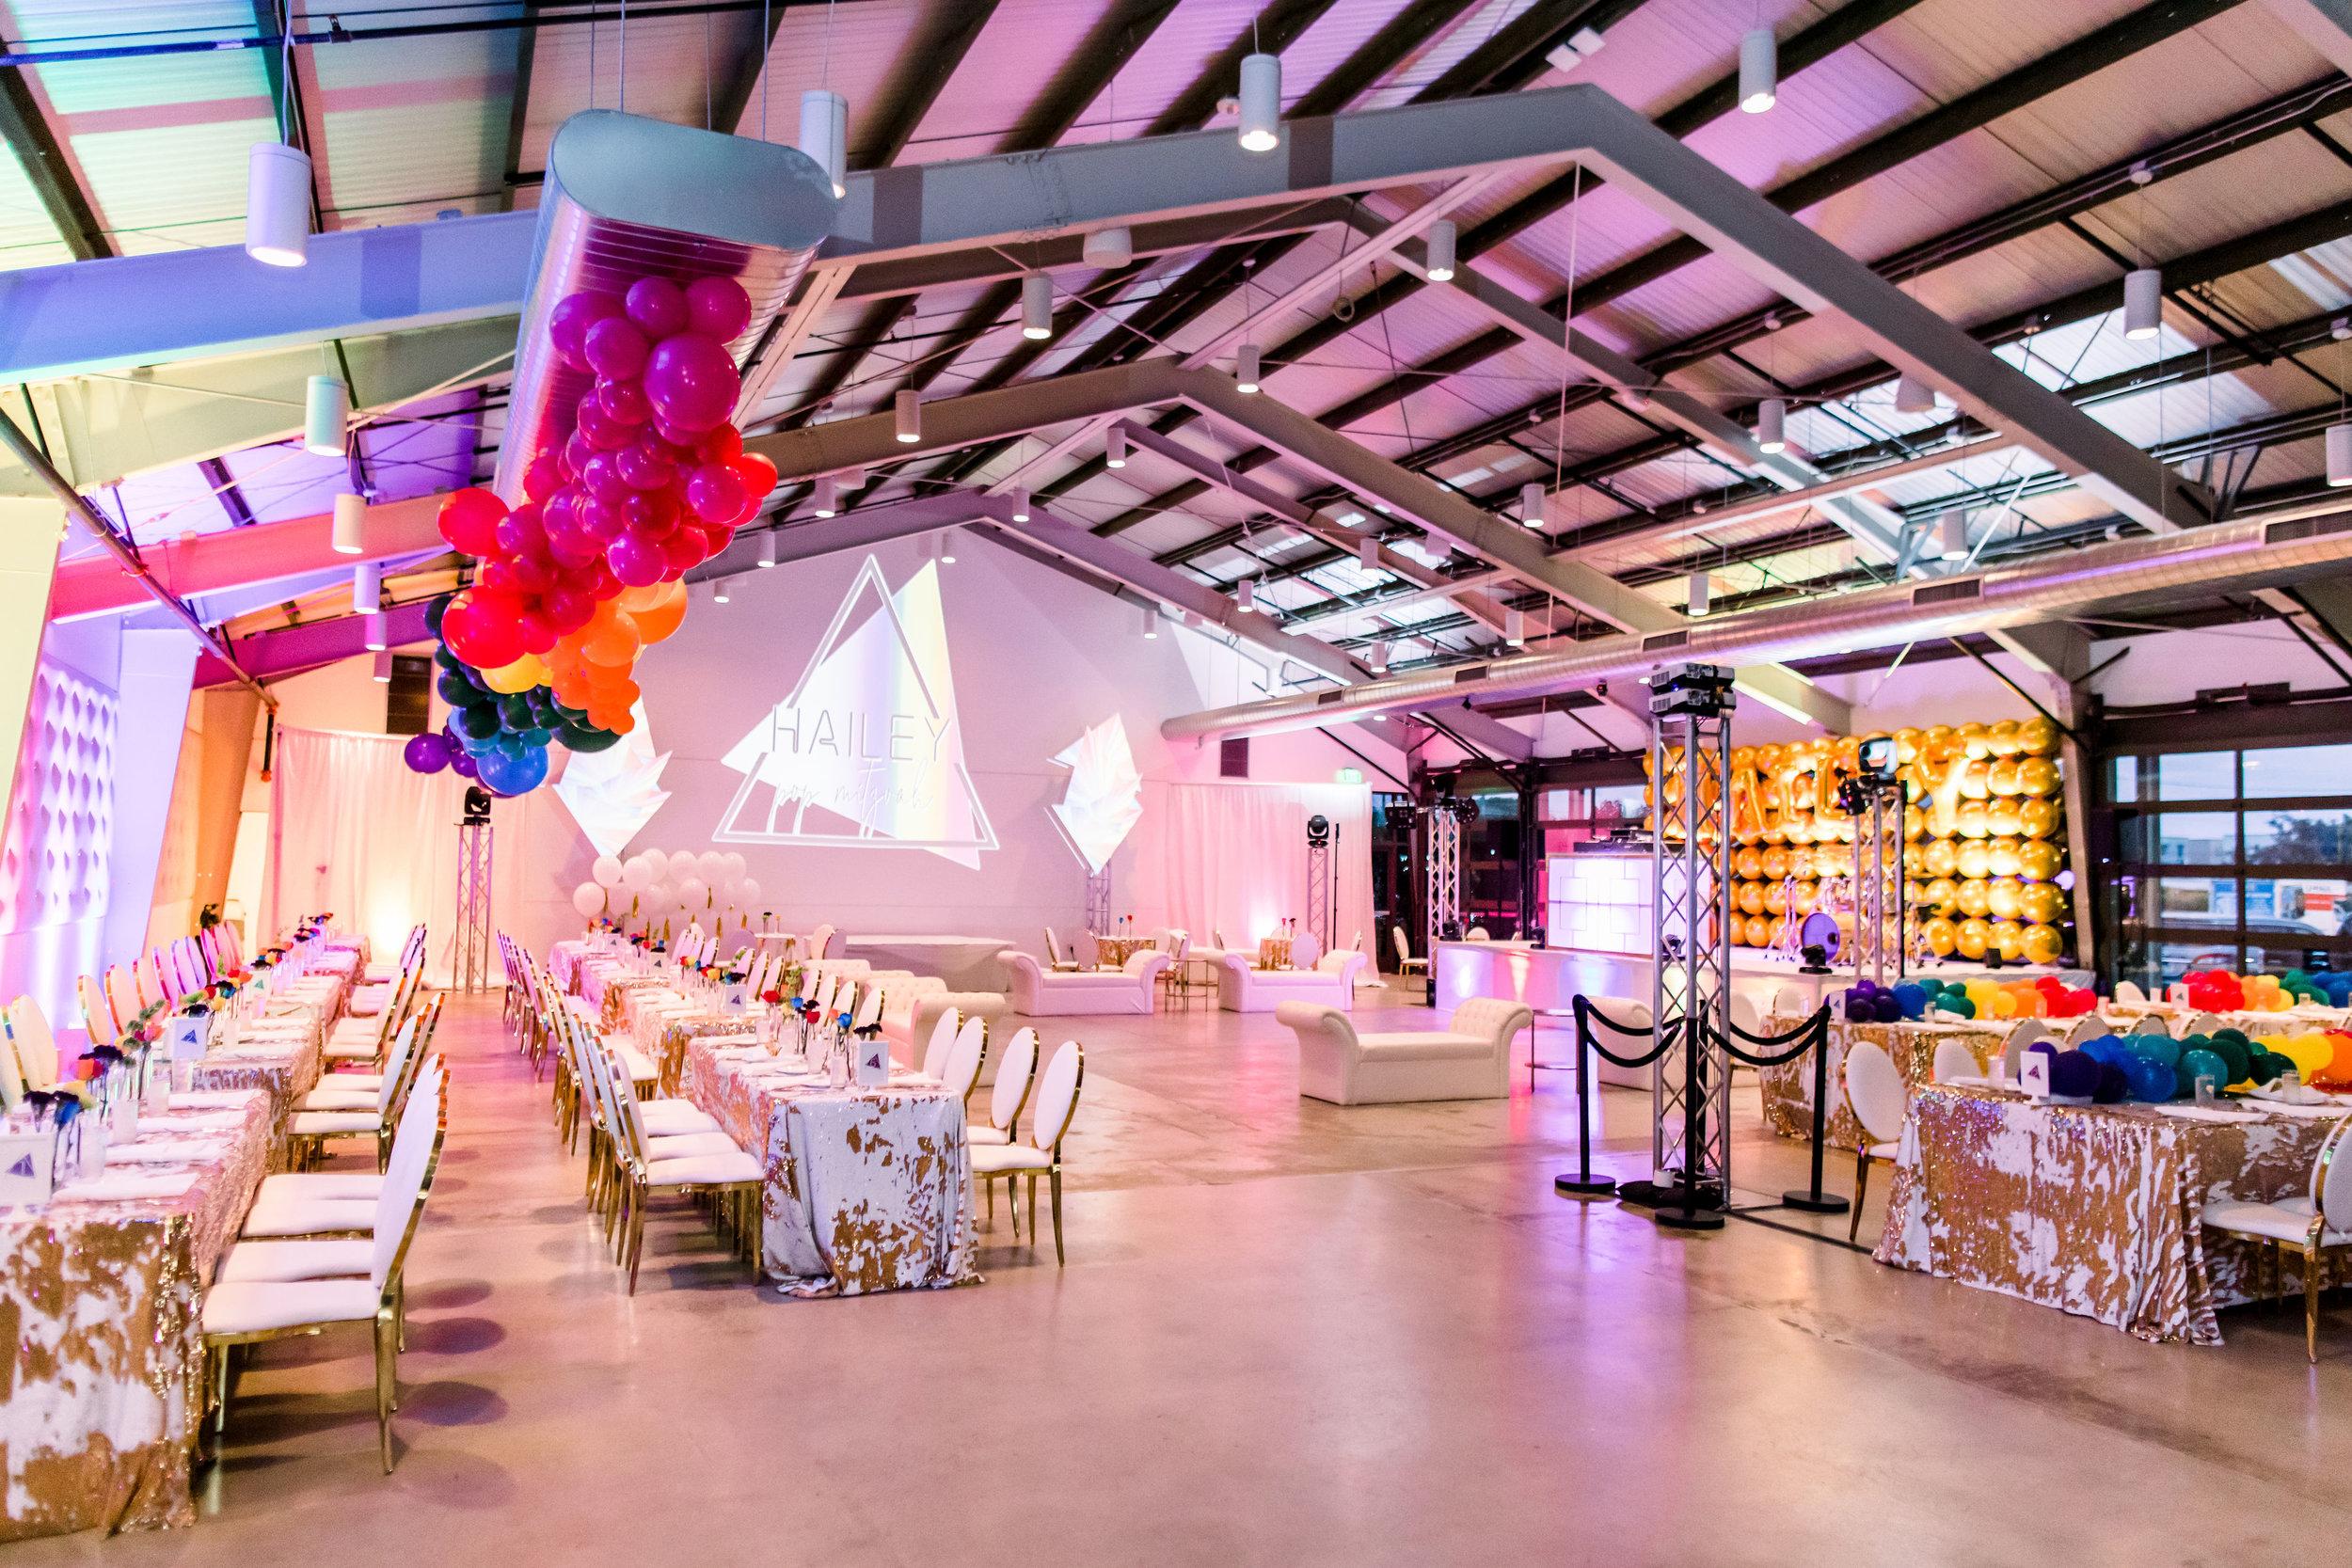 22 rainbow bat mitzvah party room reception dinner tables mermaid sequin table linen rainbow balloon garland custom light projection Life Design Events photos by Stephanie Heymann Photography.jpg